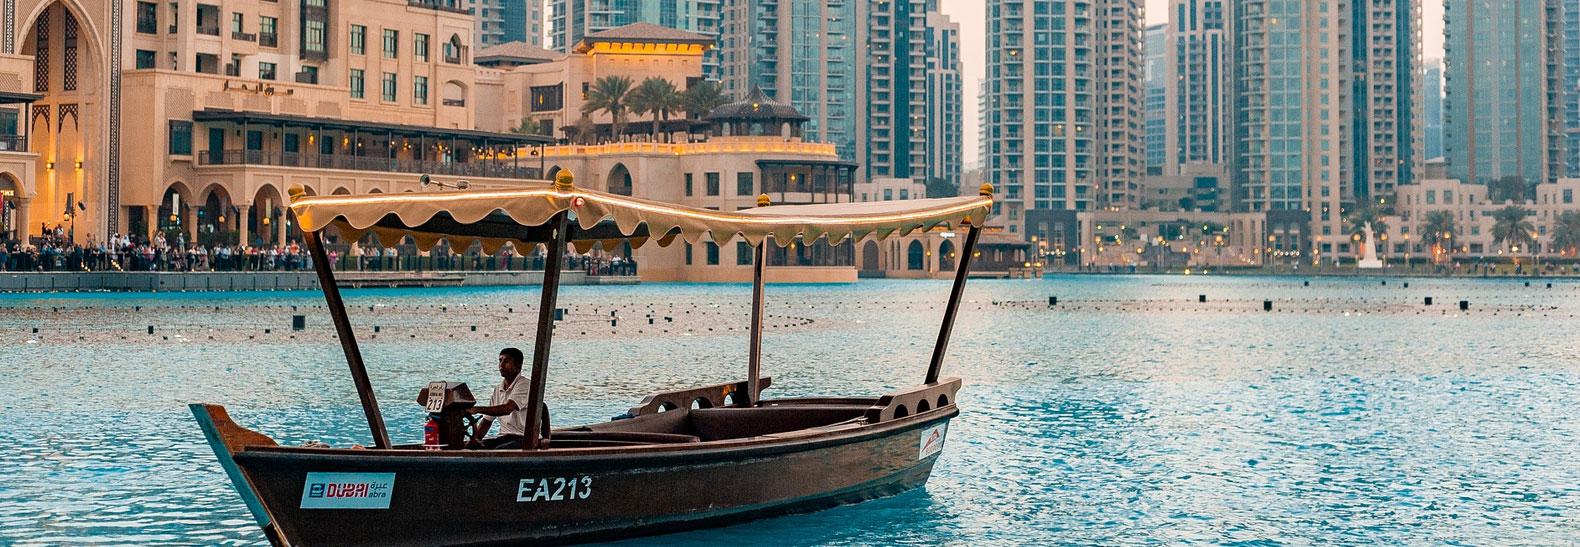 Uno scorcio della Dubai Downtown